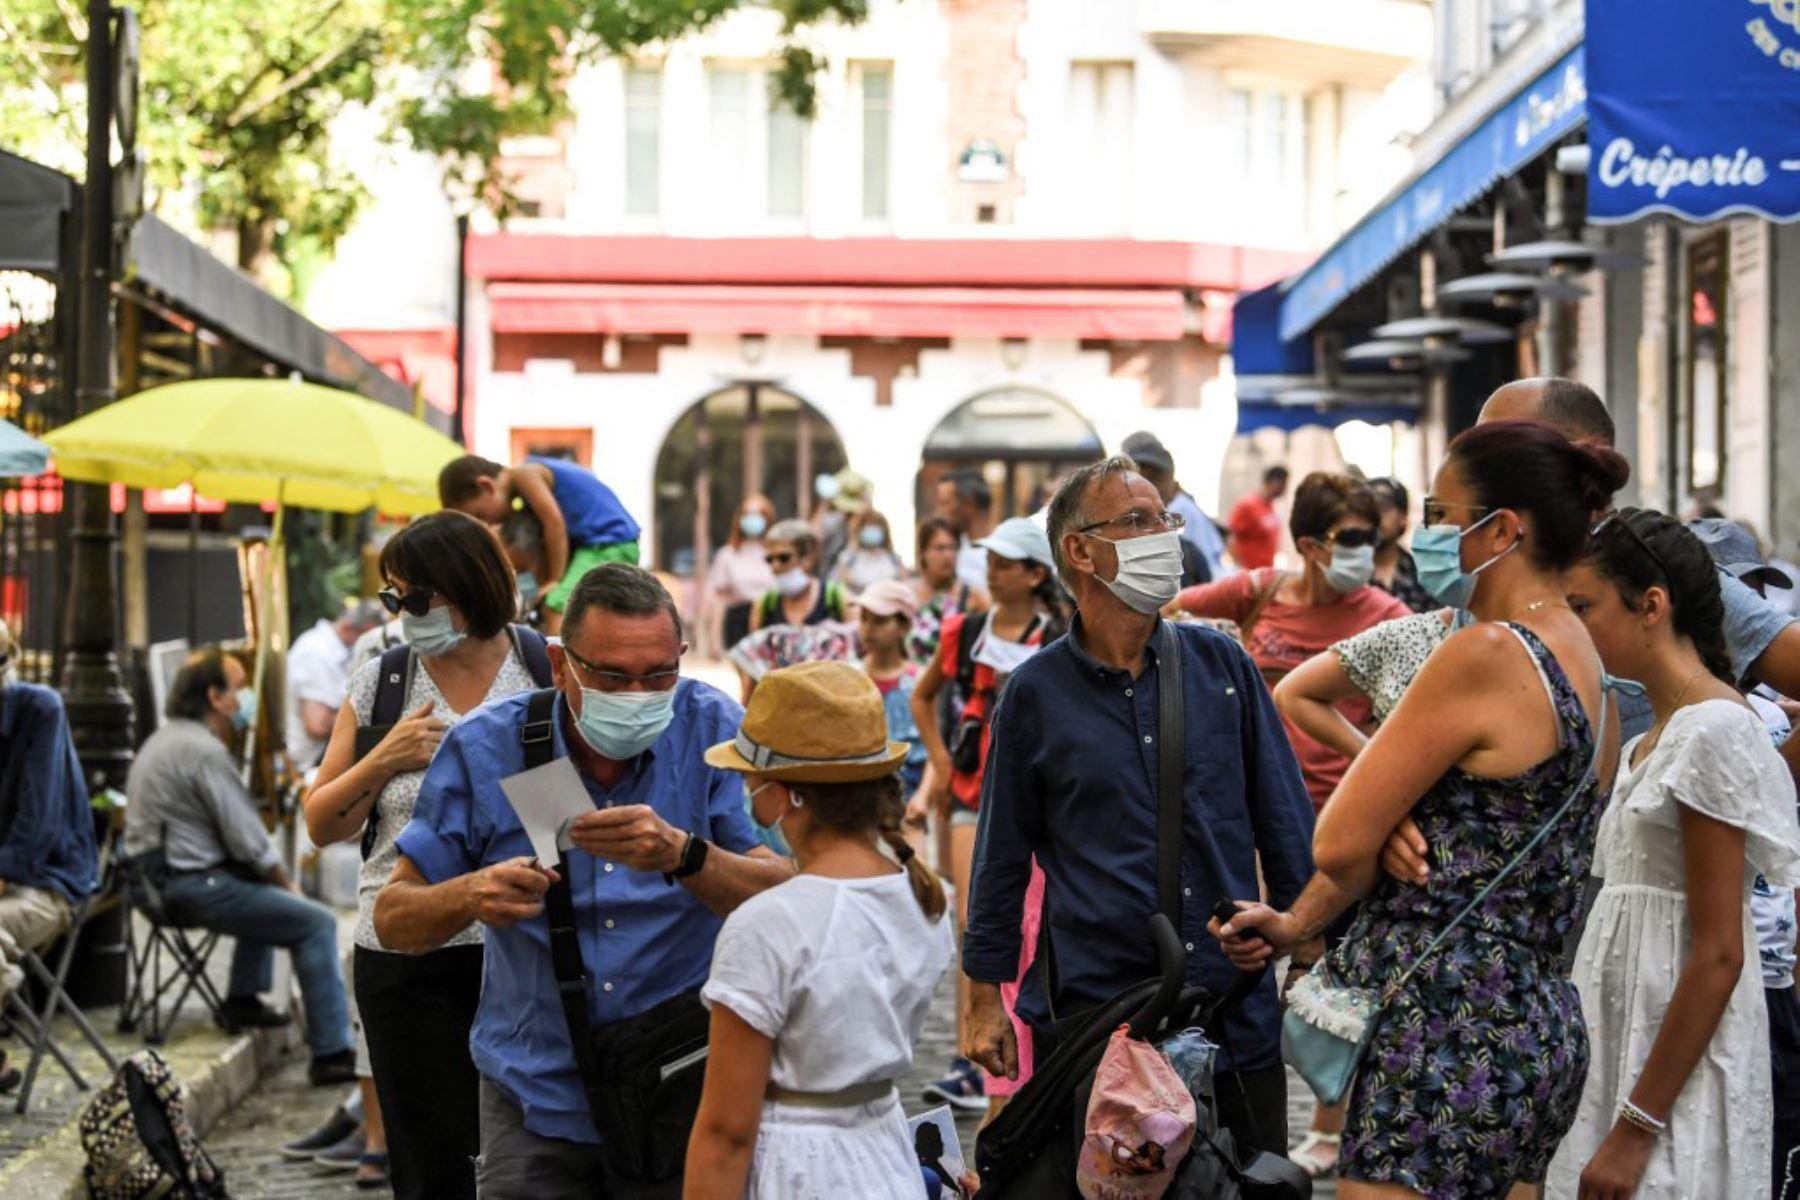 Personas usando mascarillas protectoras visitan el barrio de Montmartre, en París. El alcalde decidió hacer obligatoria la mascarilla en determinadas zonas de la ciudad para luchar contra el aumento de nuevos casos infectados de covid-19   Foto: AFP